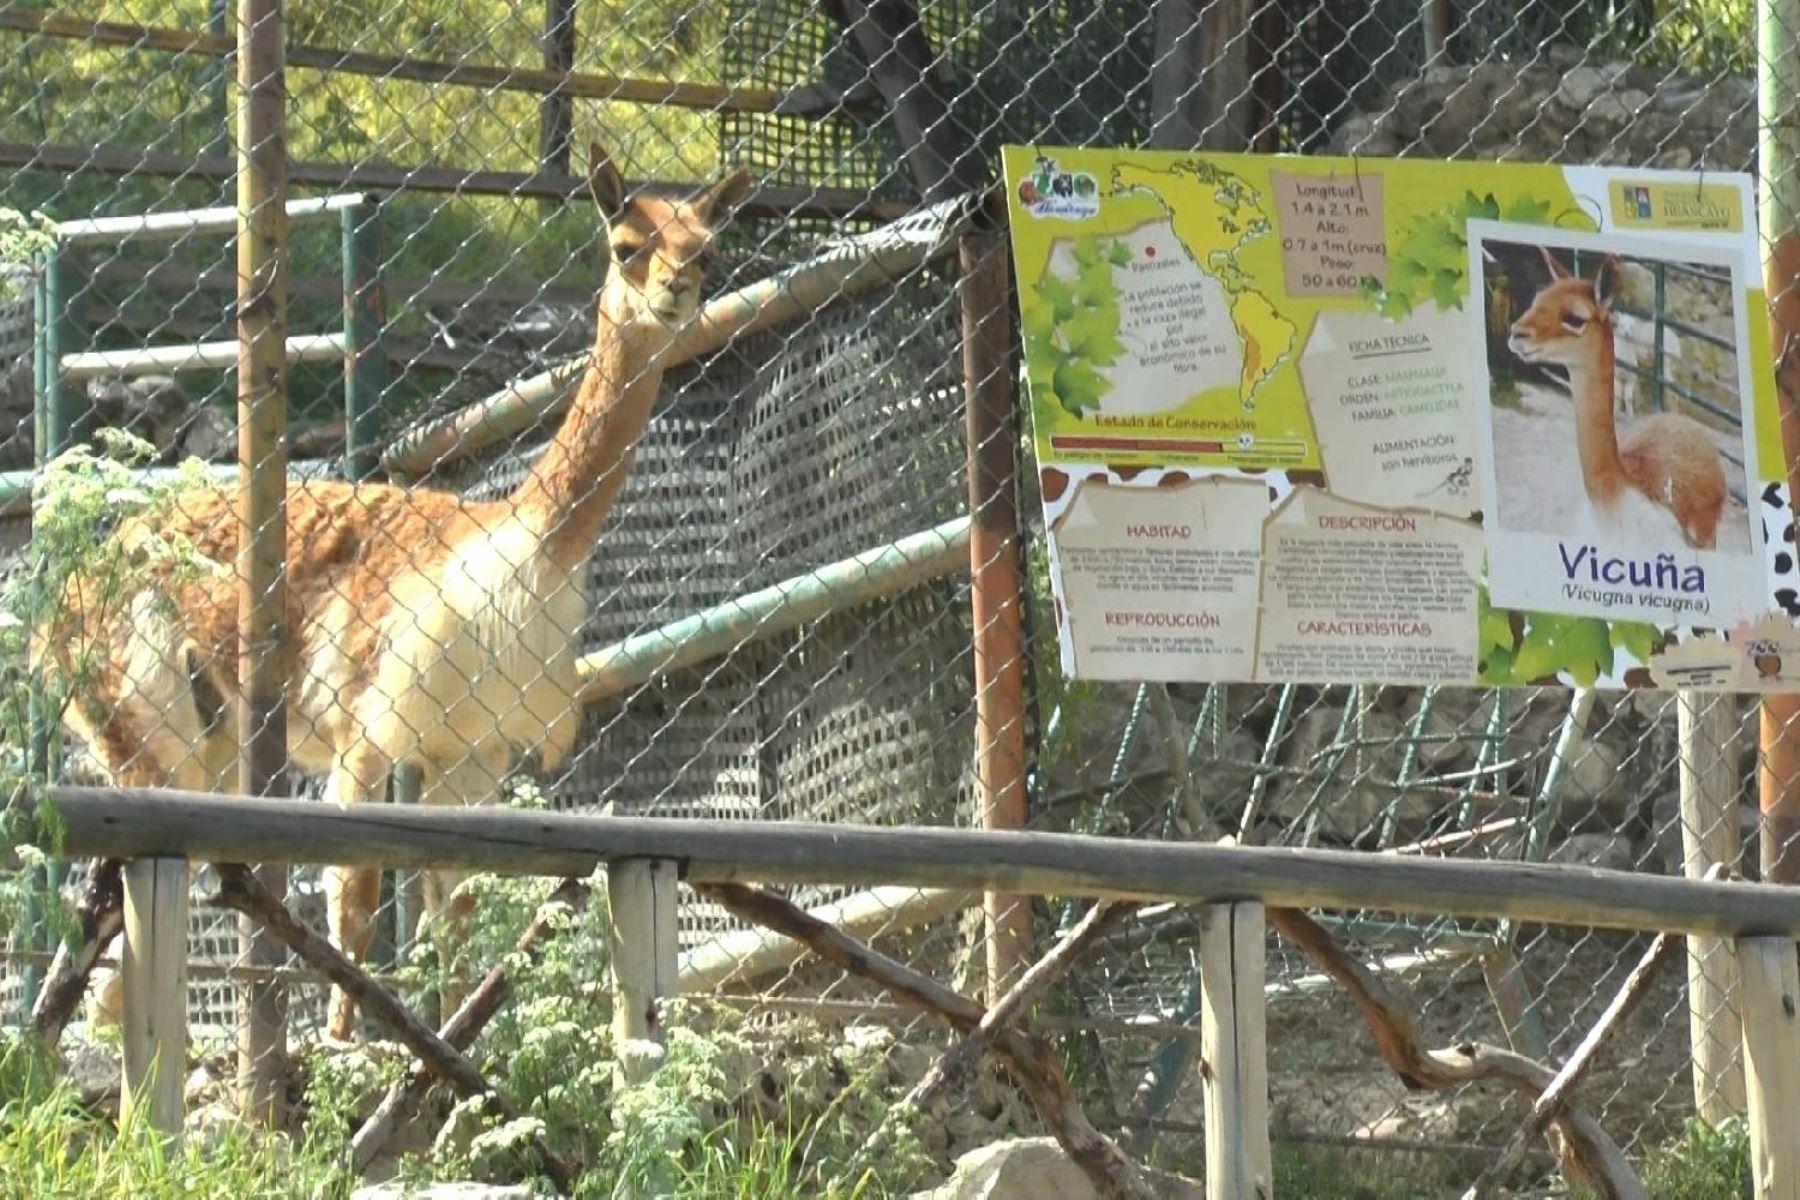 Policía investiga la muerte de vicuña de zoológico municipal de Huancayo. ANDINA/Pedro Tinoco